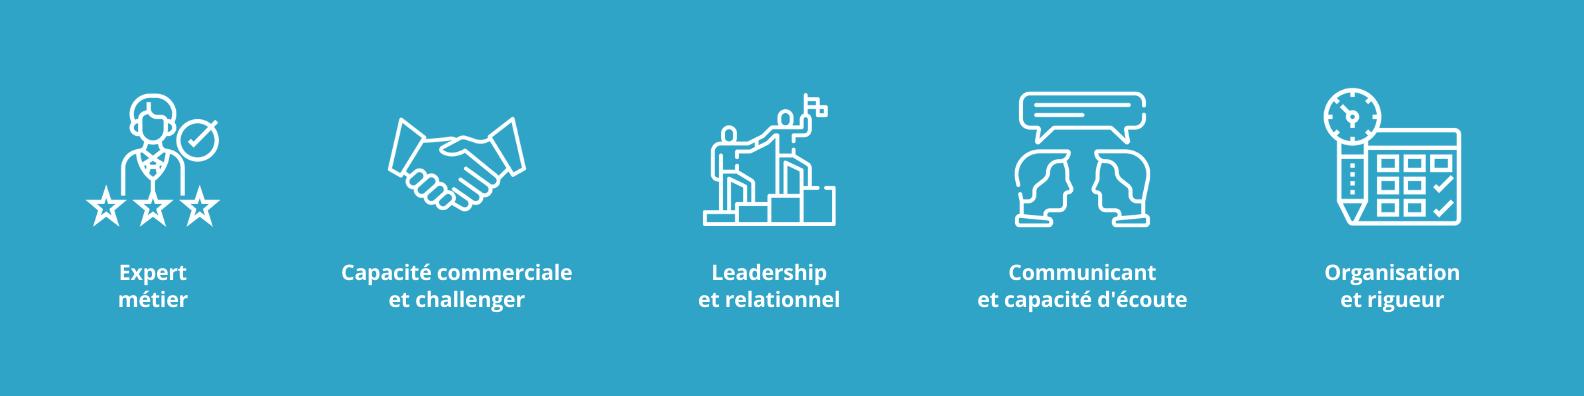 euridis-ecole-de-commerce-vente-marketing-page-metier-ingenieur-affaires-metiers-vente1